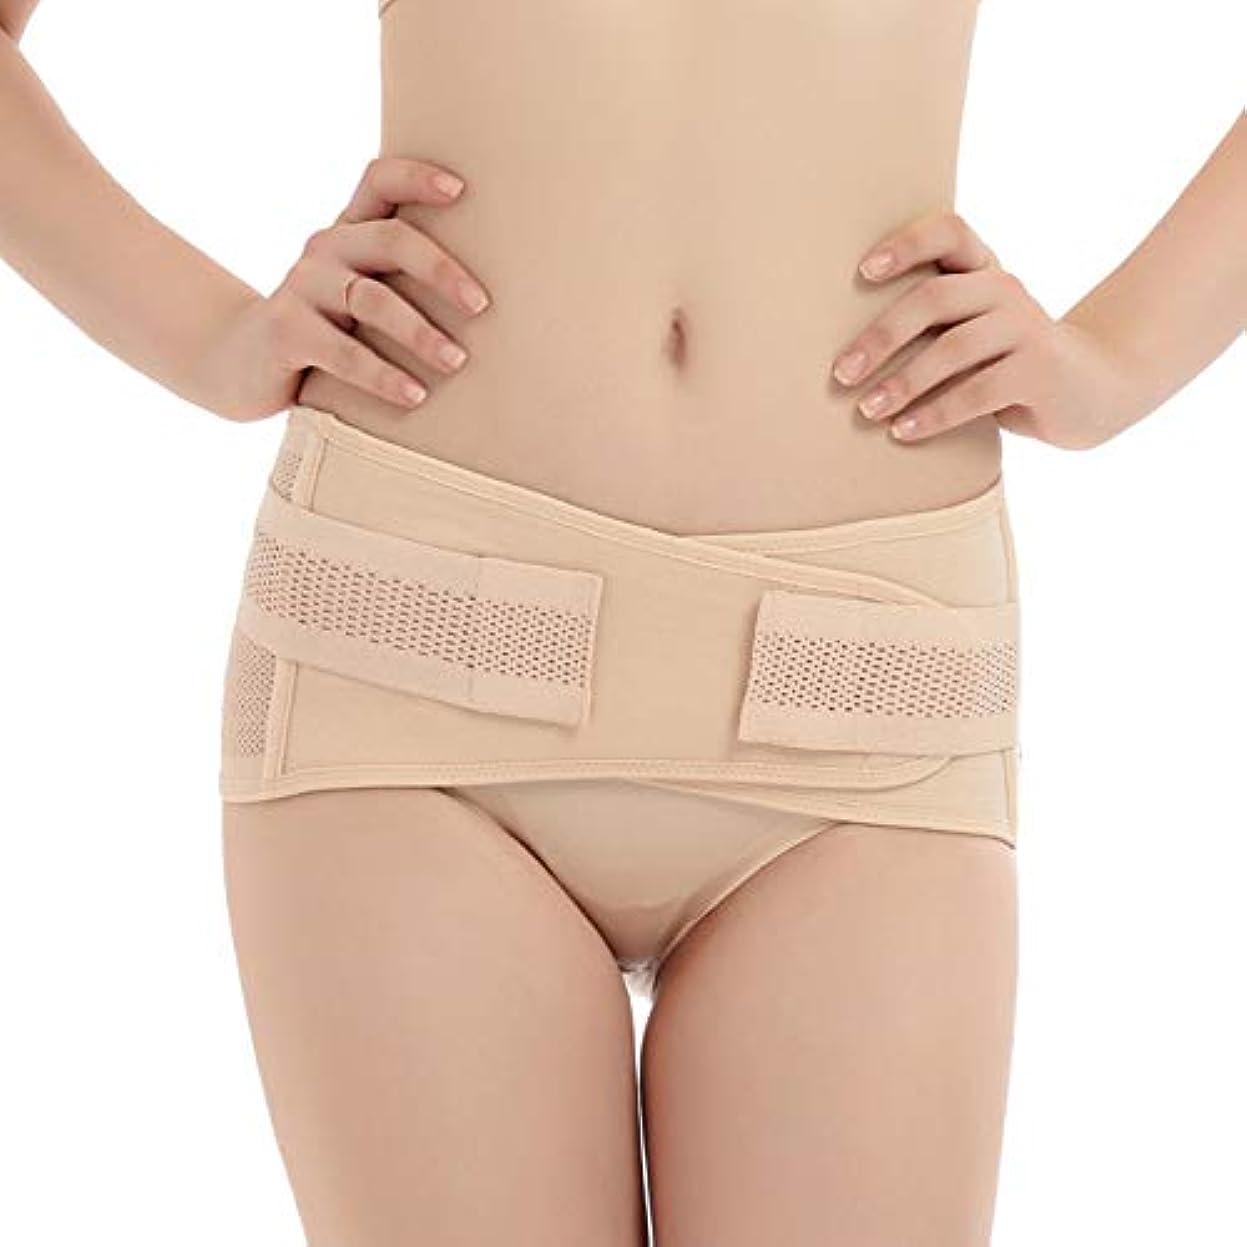 アッティカス代数的やむを得ないJanusSaja妊娠中の女性産後骨盤正しいベルト腹巻き取る骨盤骨盤整形外科用ベルト